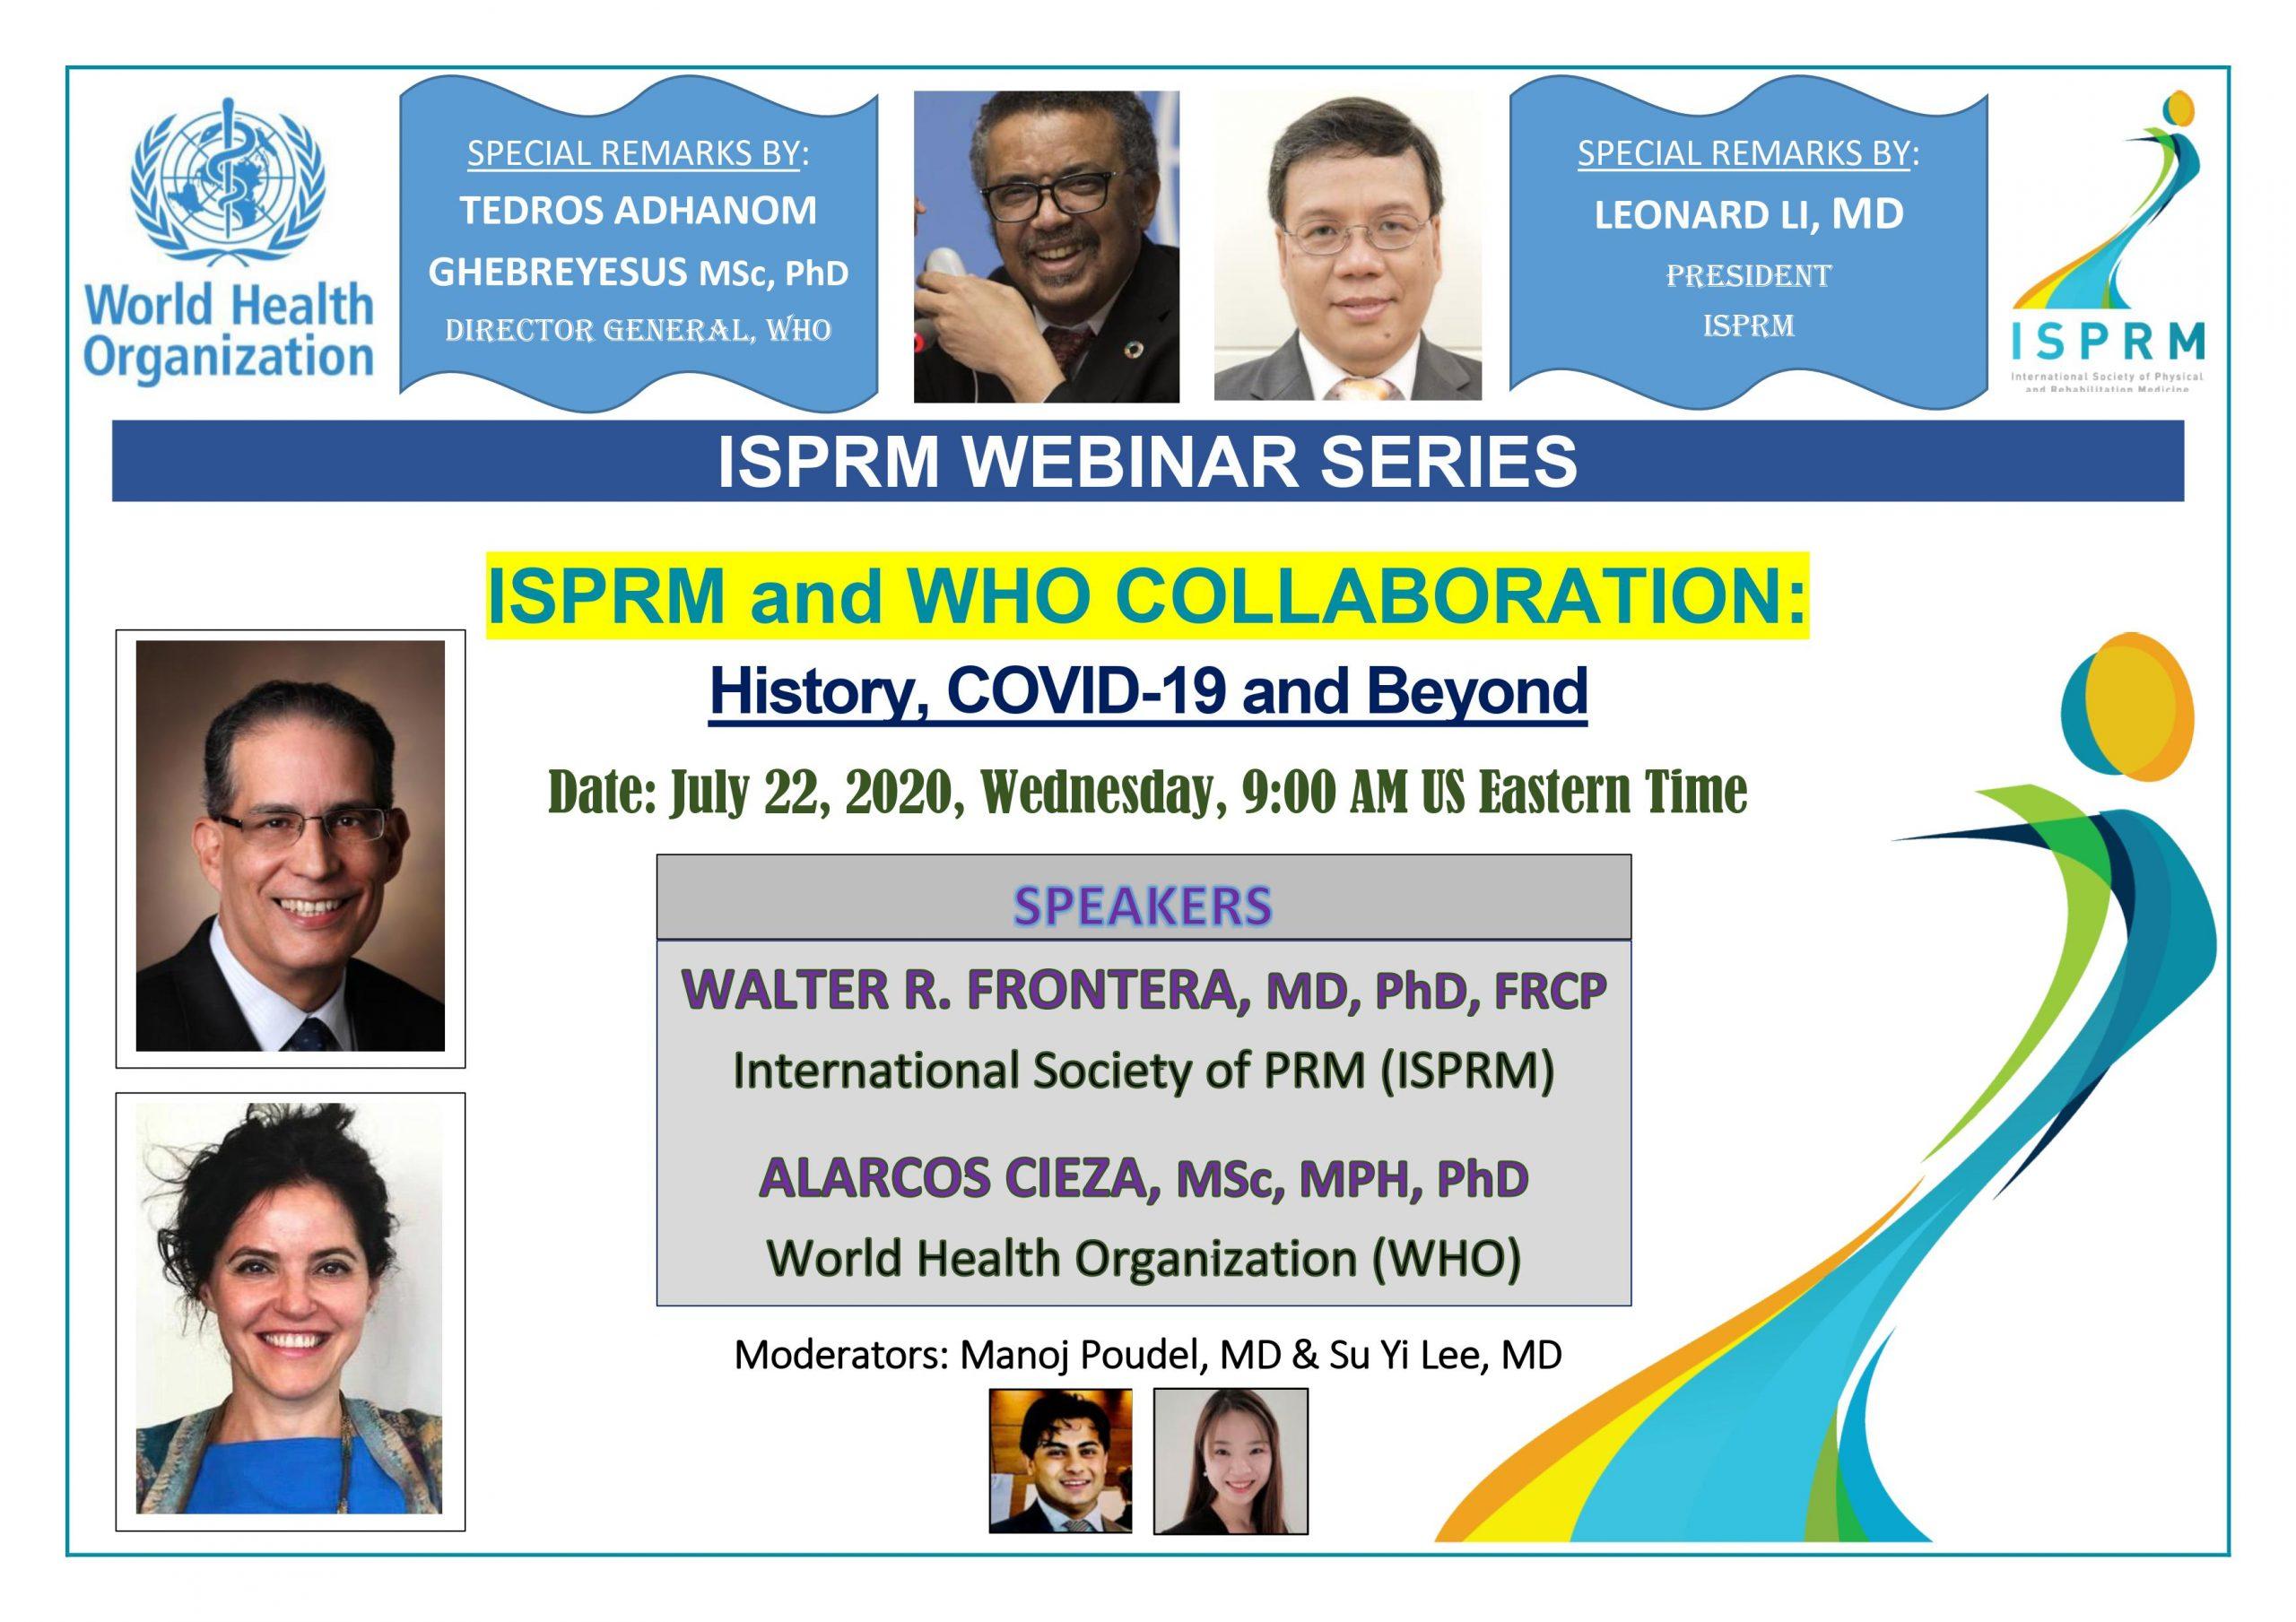 ISPRM Webinar flyer